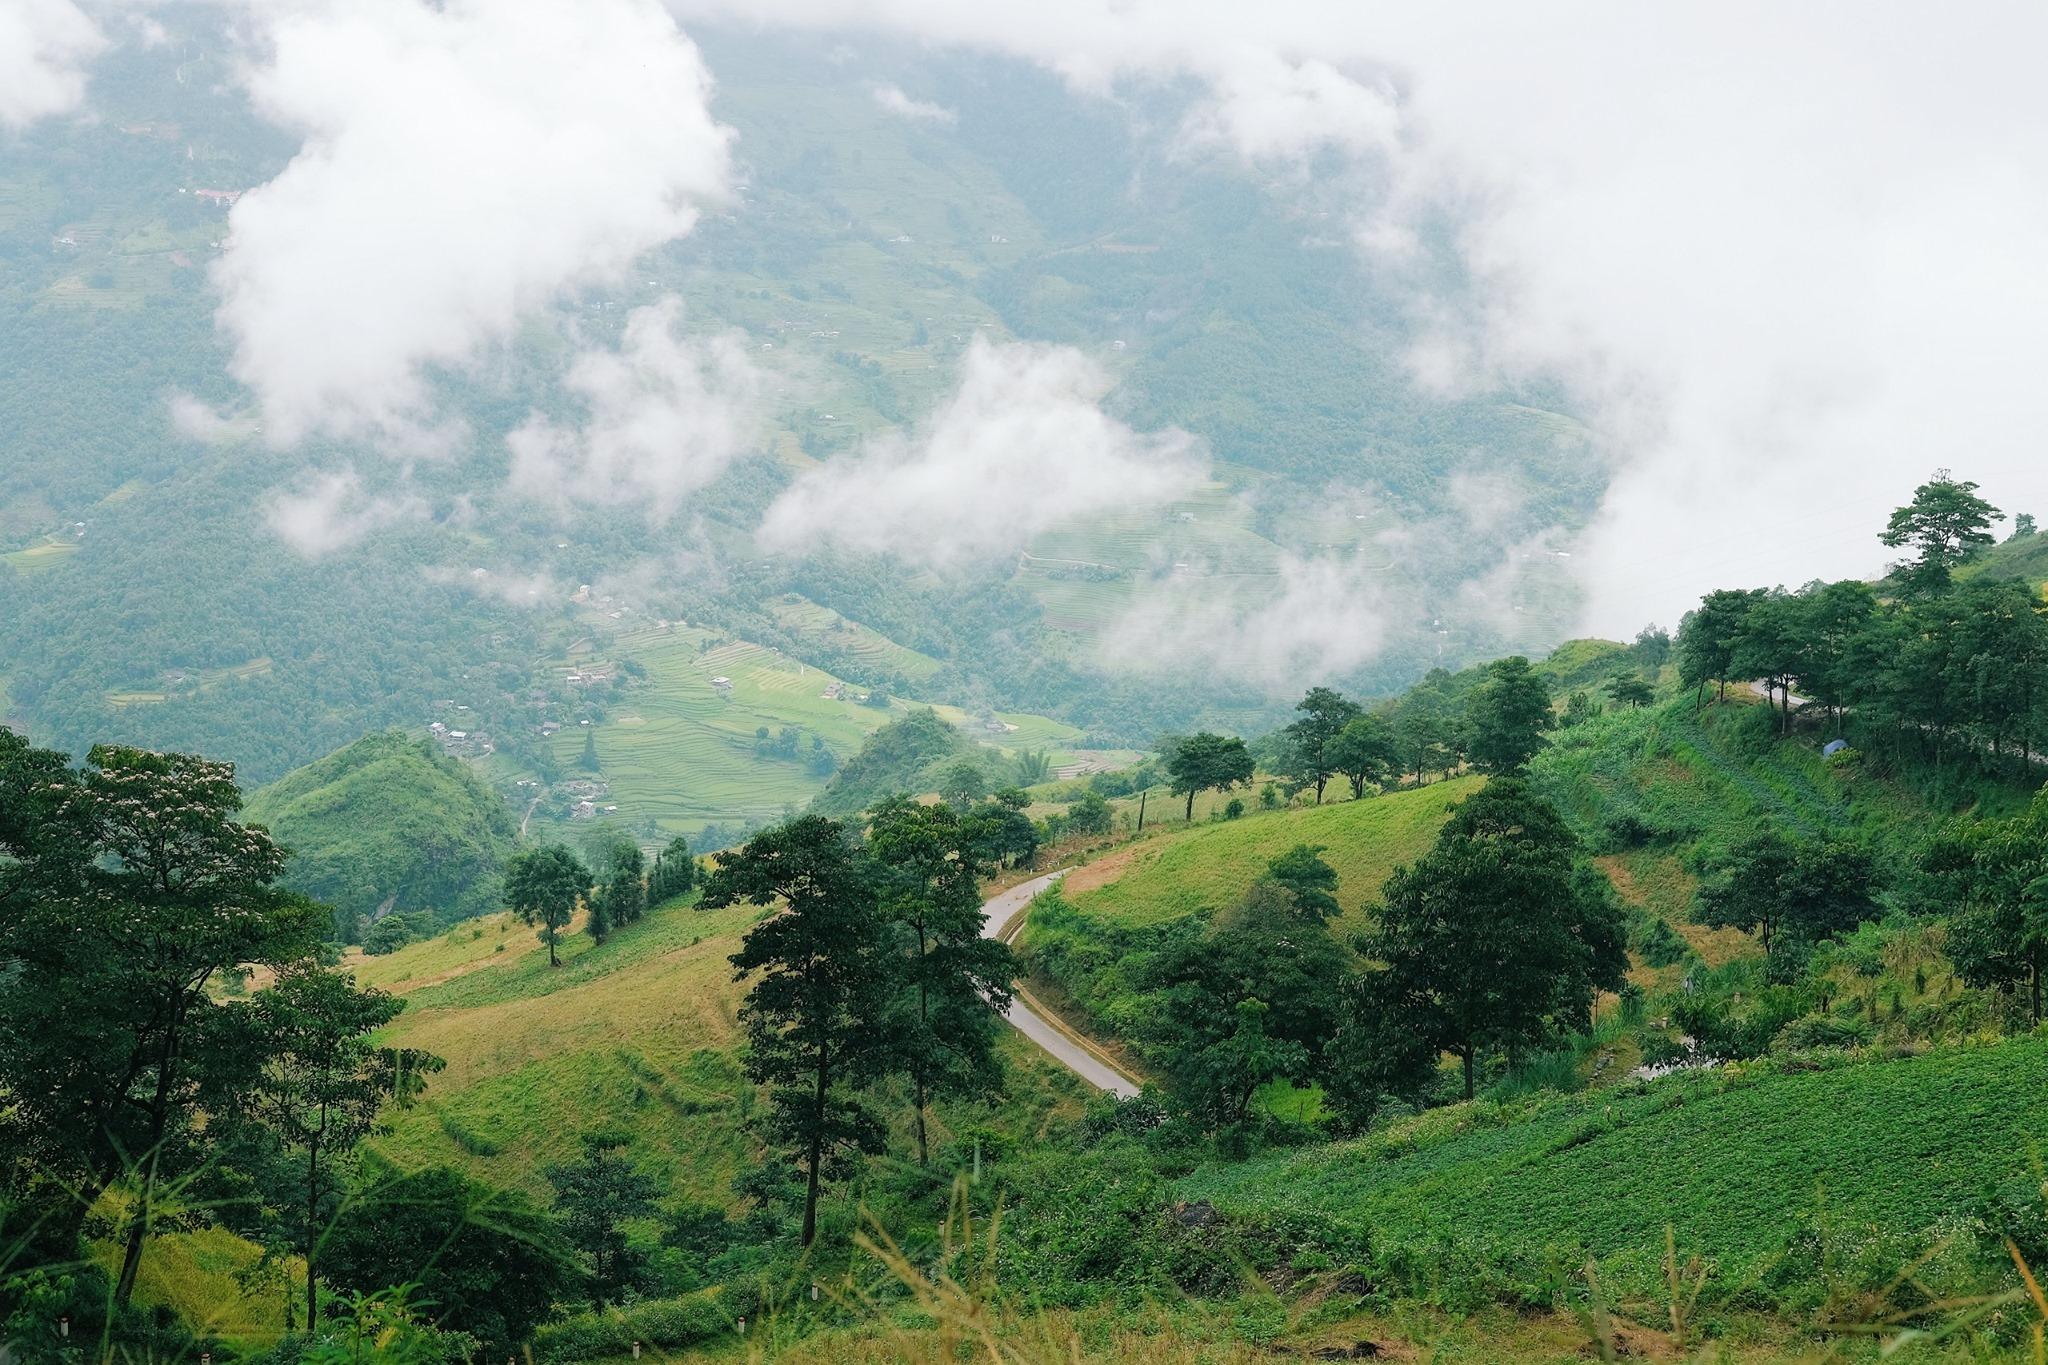 Cảnh tượng tuyệt đẹp: những ngọn đồi xen lẫn lúa và mây